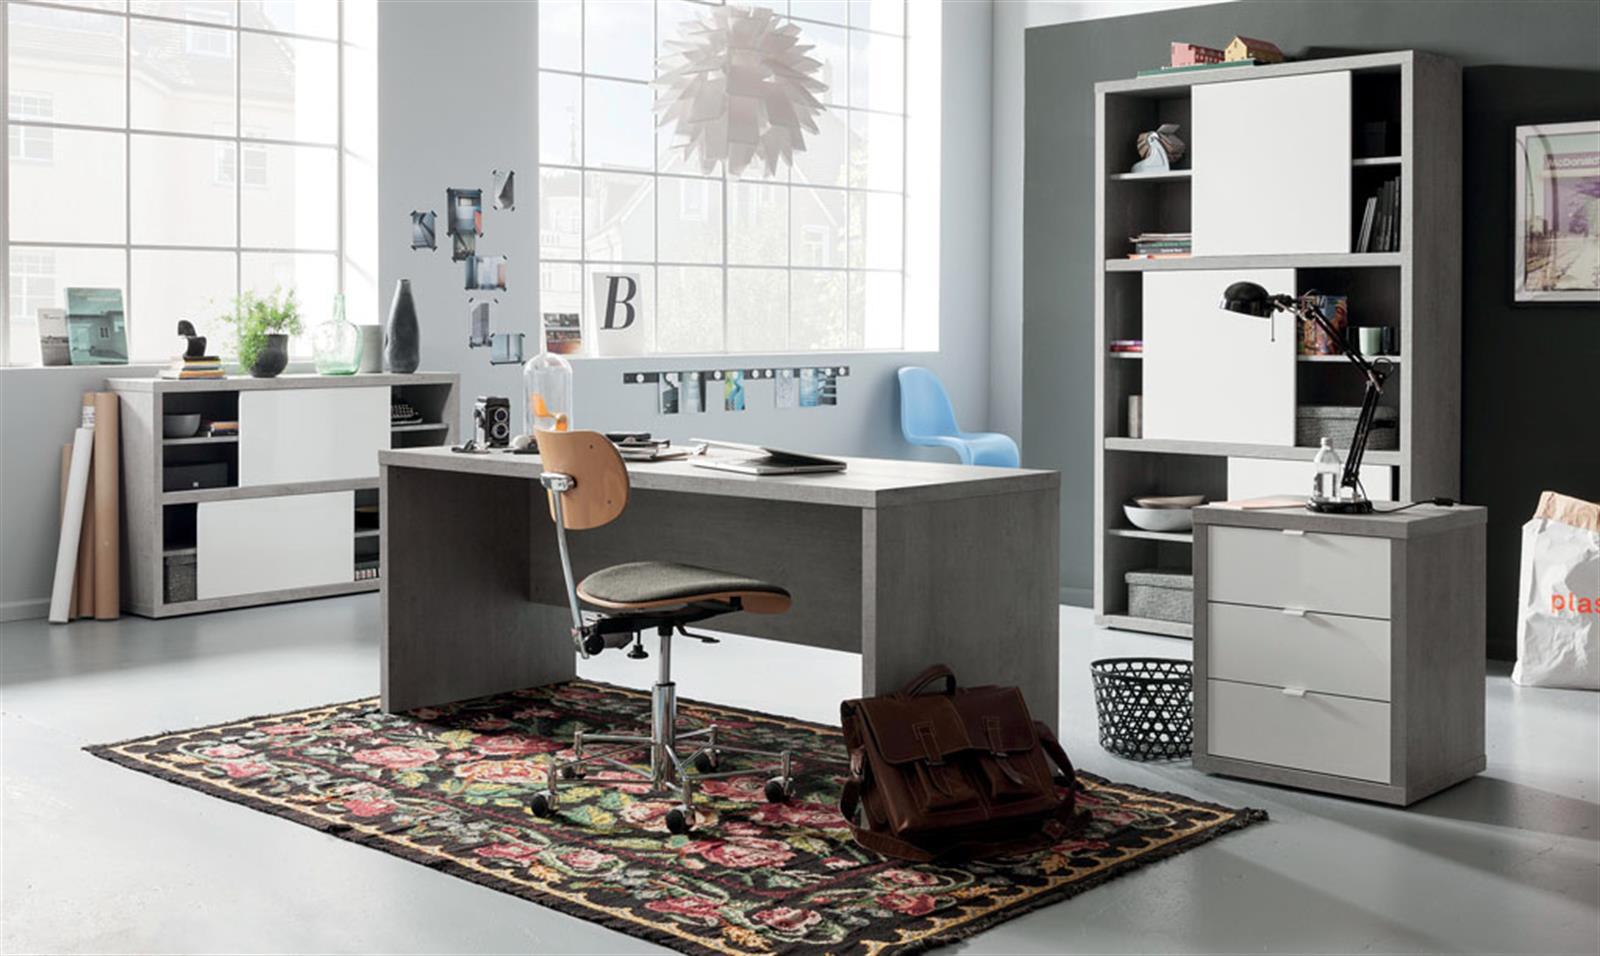 Conforama cuisine quip e machine laver editus - Conforama horaire d ouverture ...